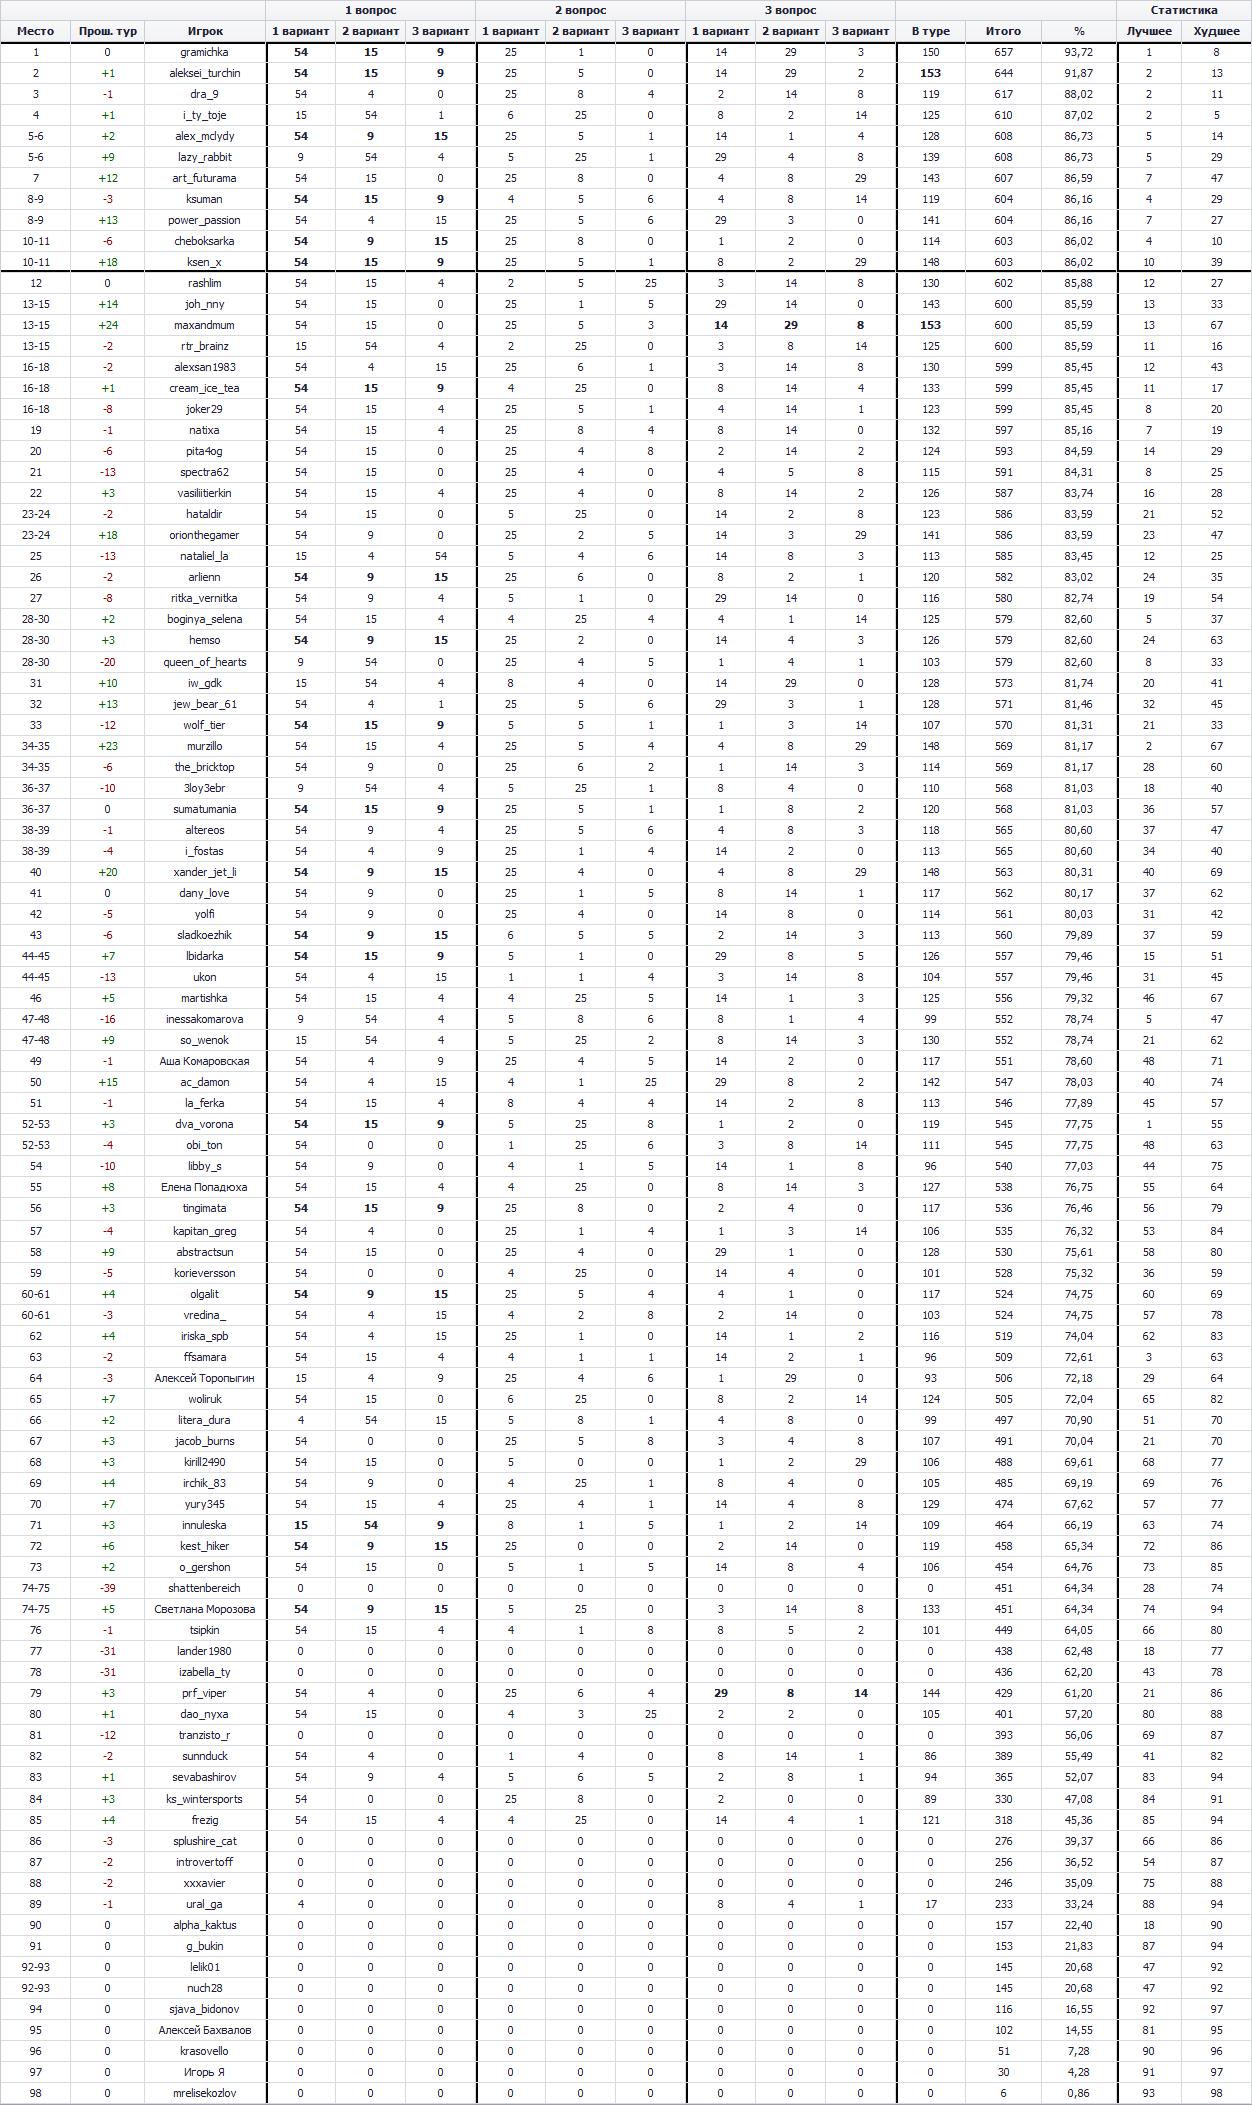 100 к 1. Сезон Осень 2016. Результаты четвёртого тура